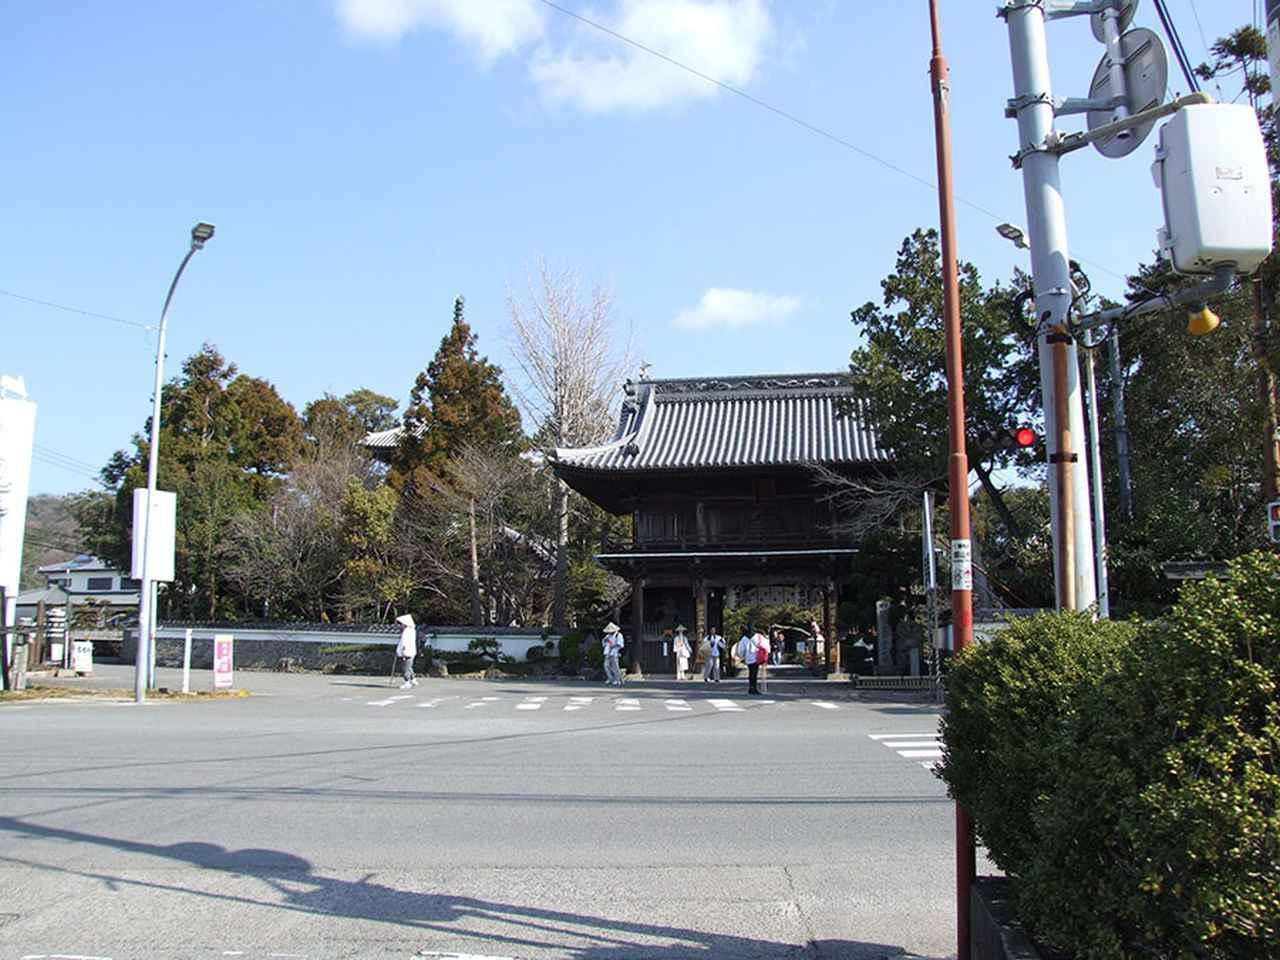 画像: 1番札所 霊山寺/八十八カ所のなかで、最初に訪れた霊山時。風格のある仁王門がお遍路たちを迎えてくれる。